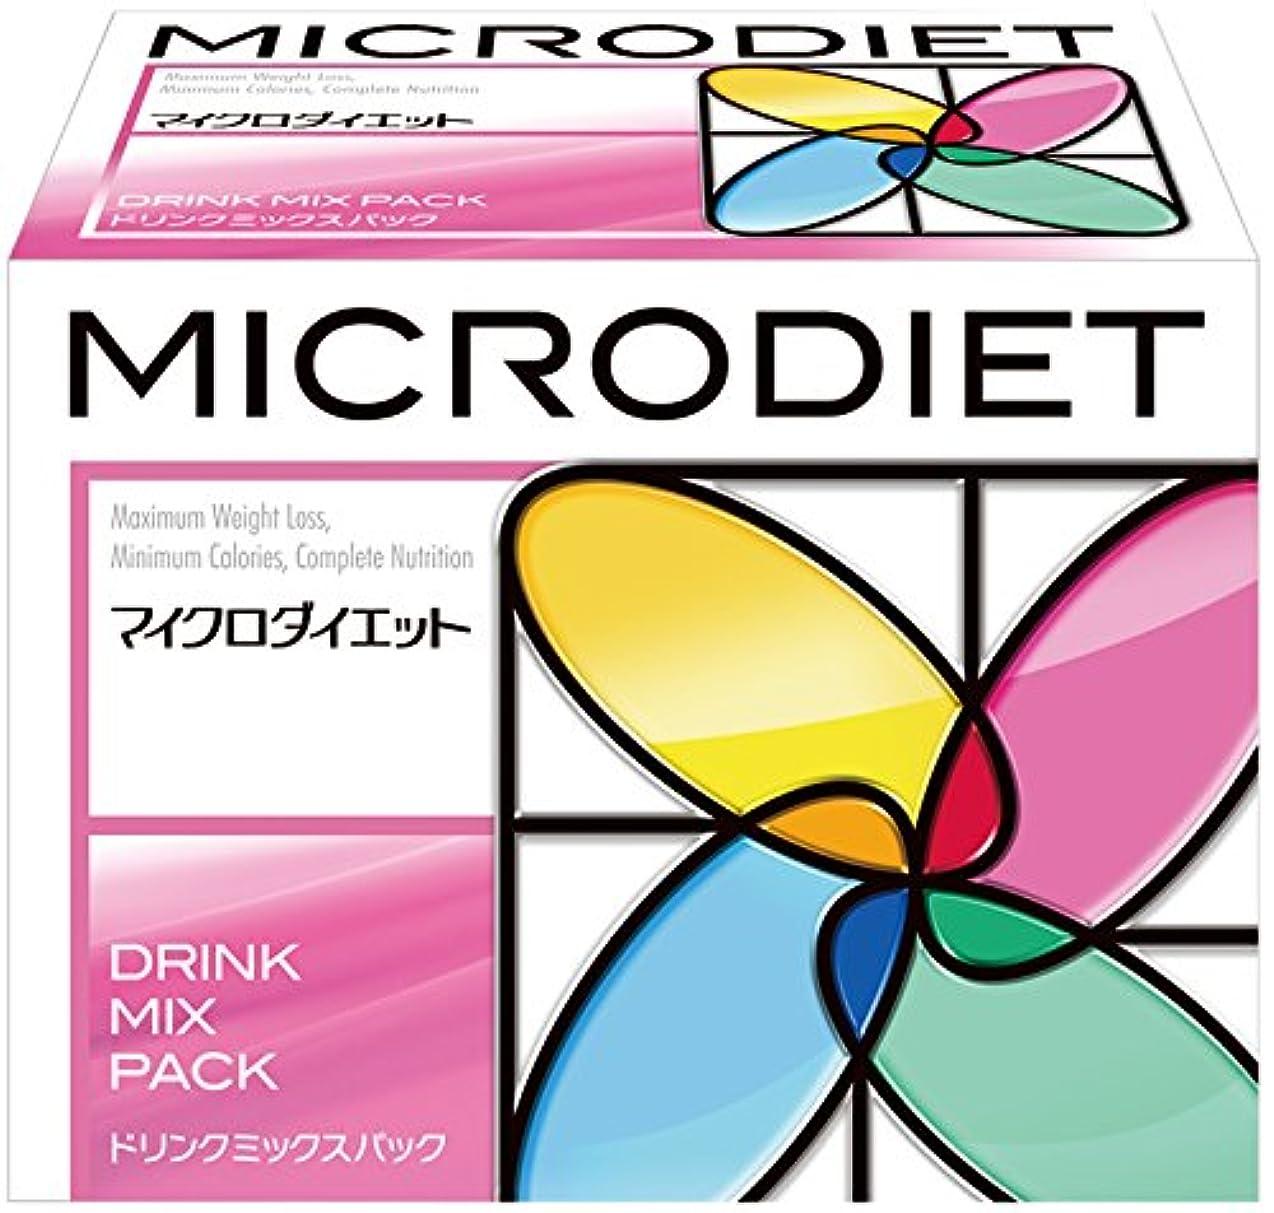 マイクロダイエット ドリンクミックスパック14食(07289)